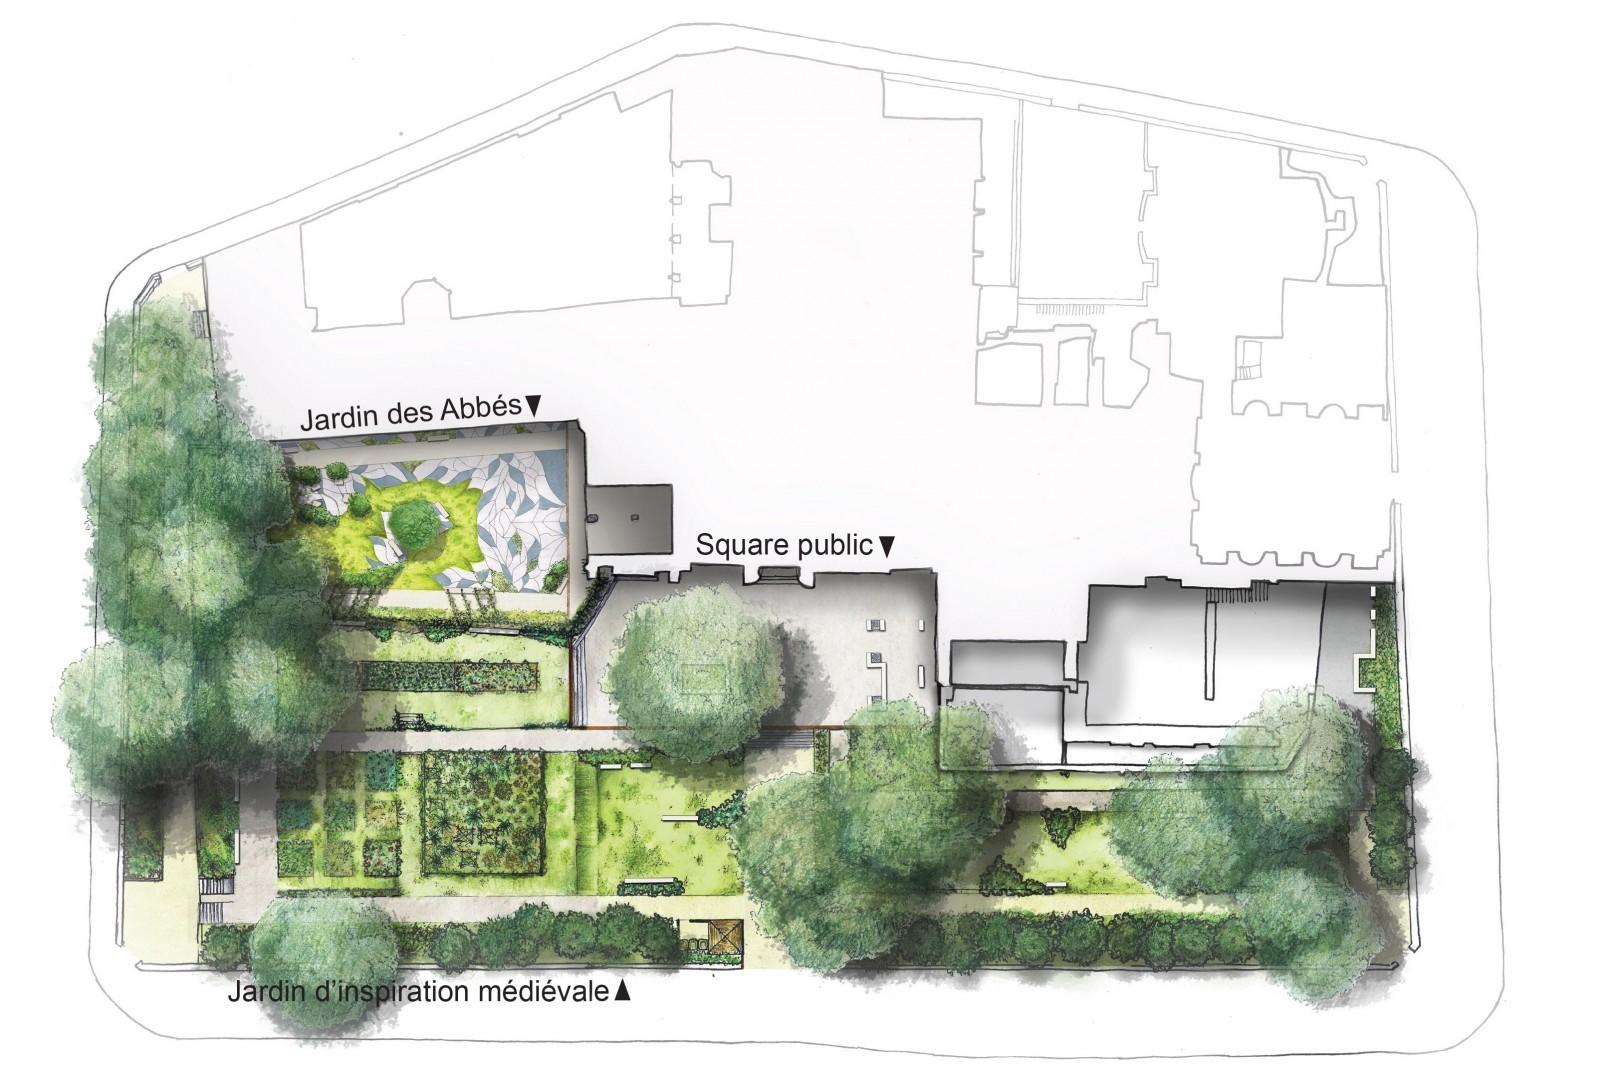 Plan vision prospective du jardin des Abbés  au musée de Cluny. © Ana Blanc, Tristan Geffray et Ken Novellas, paysagistes DPLG.